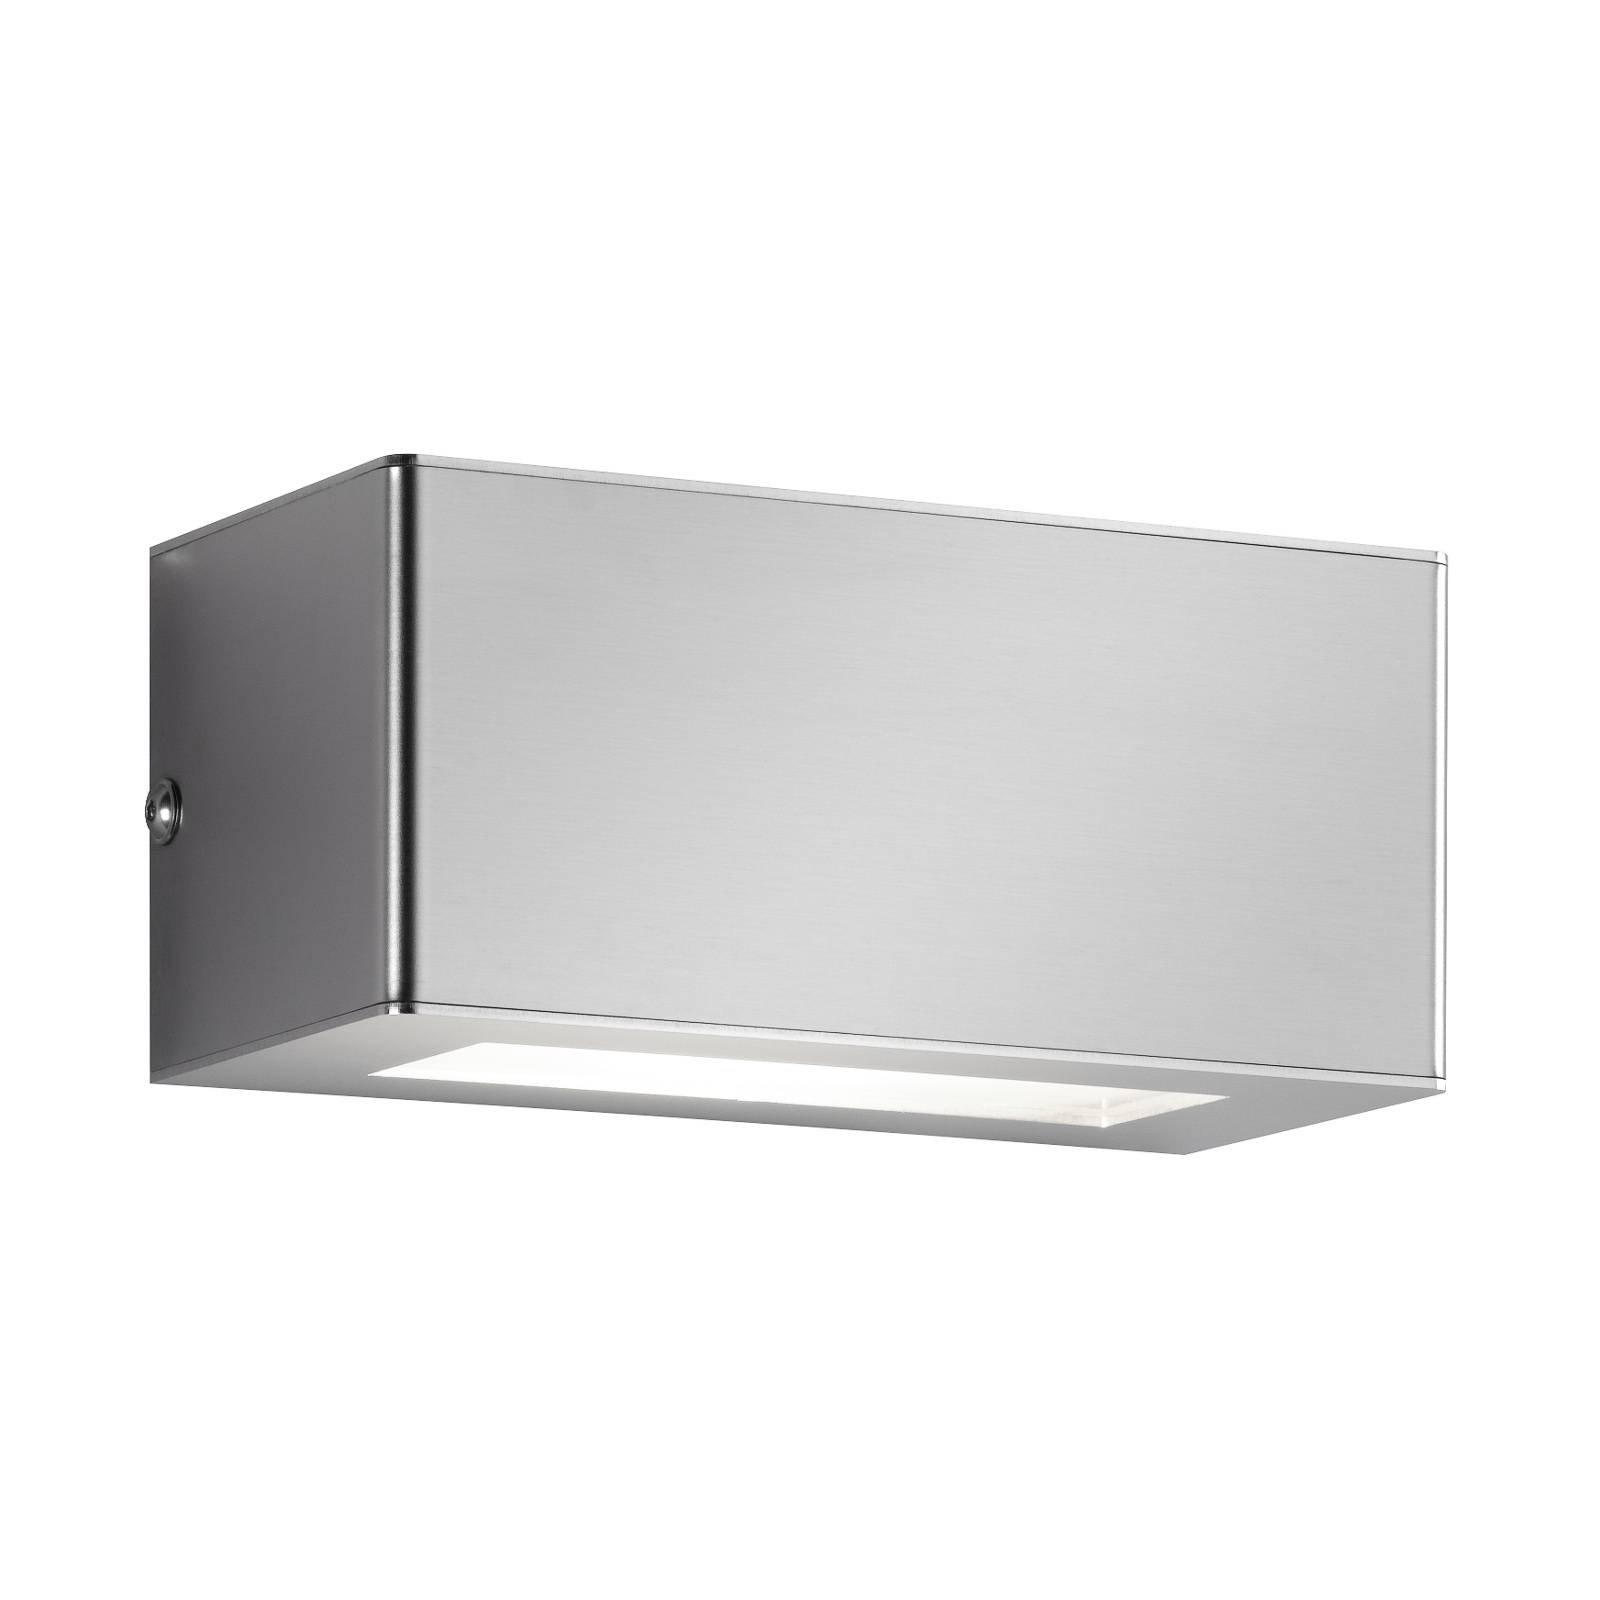 Utendørs LED-vegglampe Aqua Stone, 2 lyskilder